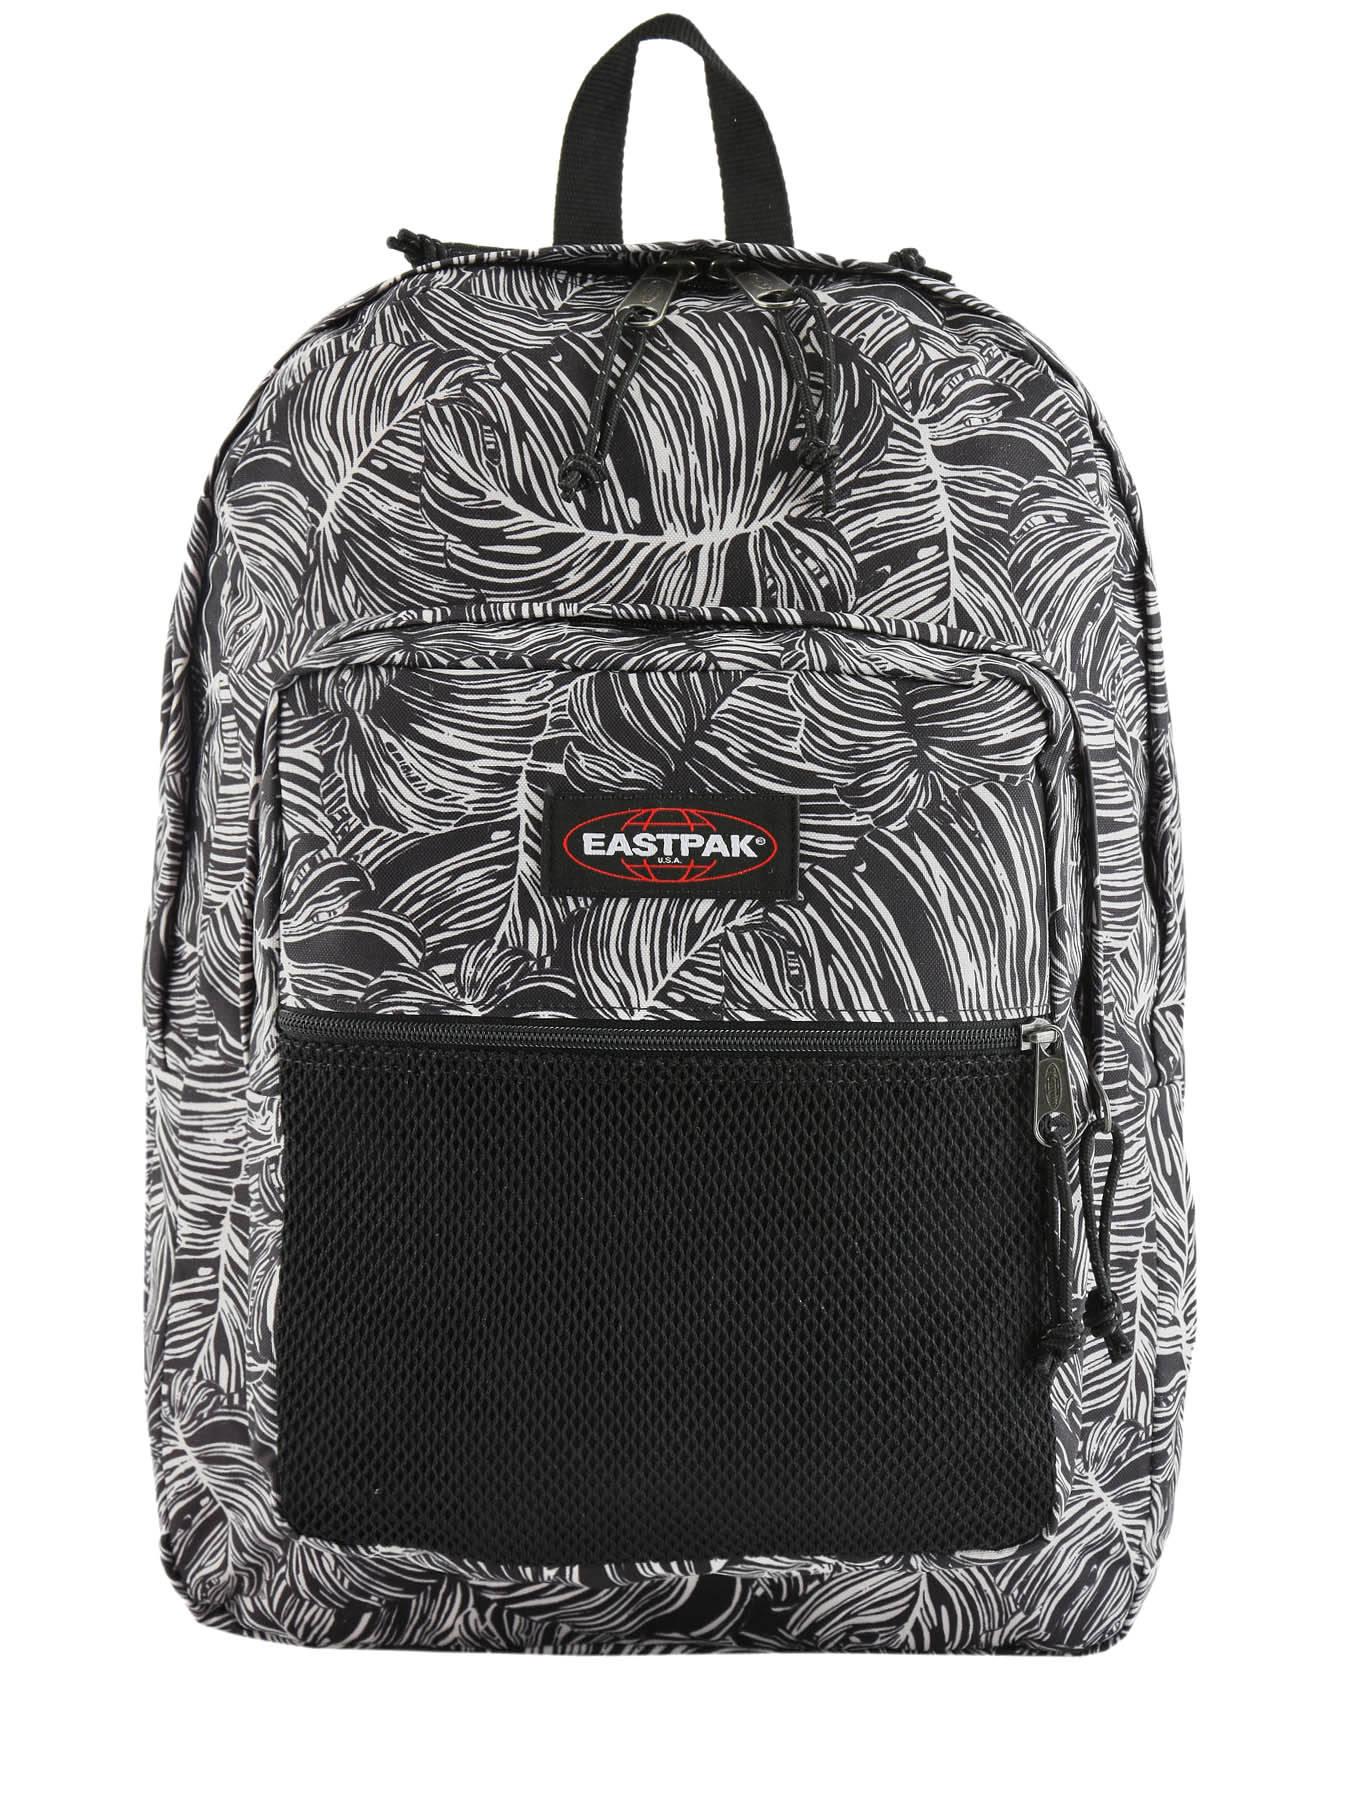 Backpack PINNACLE EASTPAK